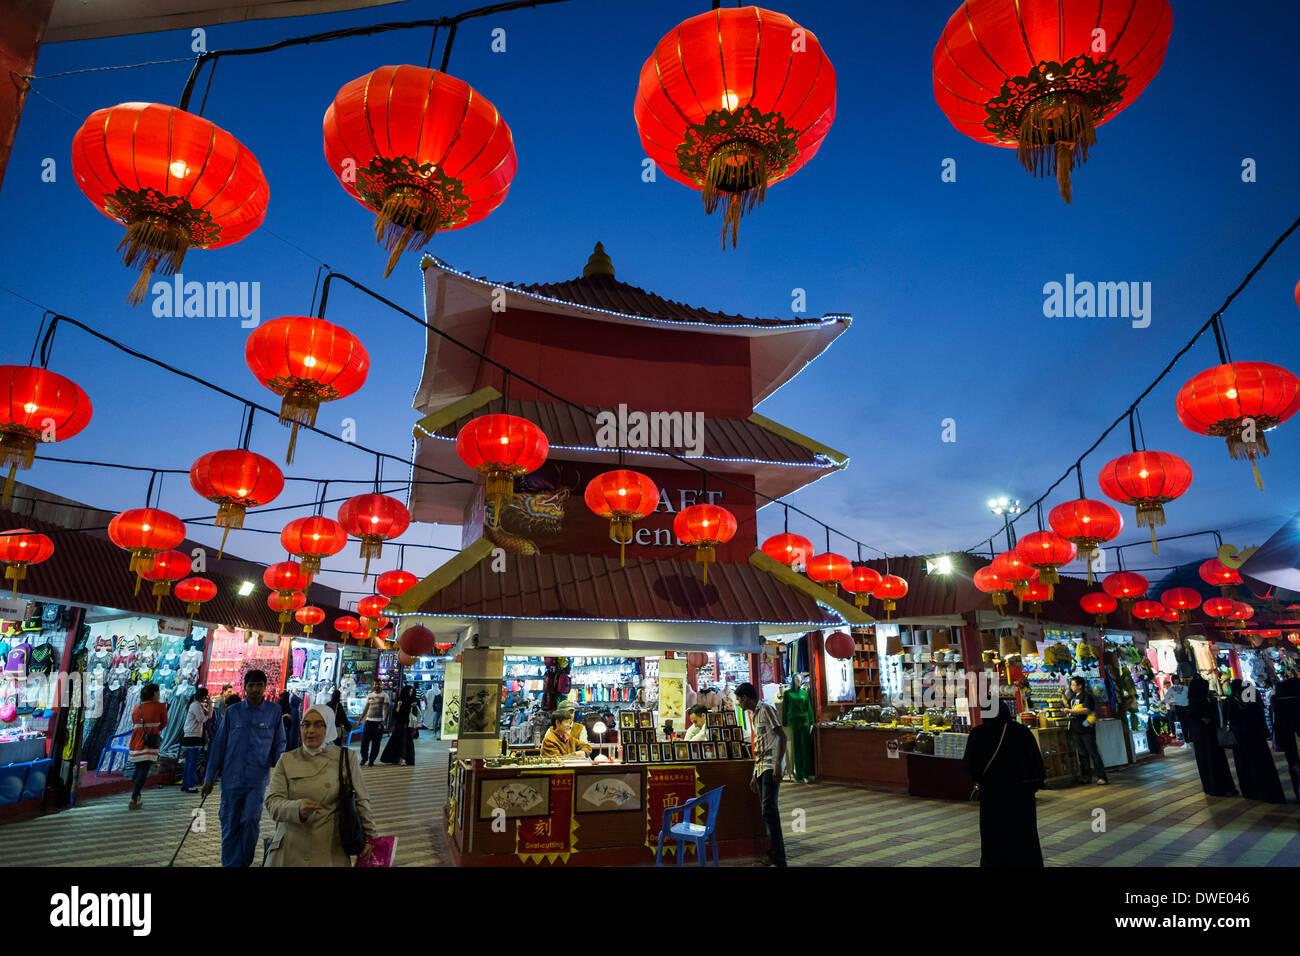 Cina pavilion con lanterne rosse e una galleria di negozi a livello globale e villaggio turistico di attrazione culturale in Dubai Emirati Arabi Uniti Immagini Stock